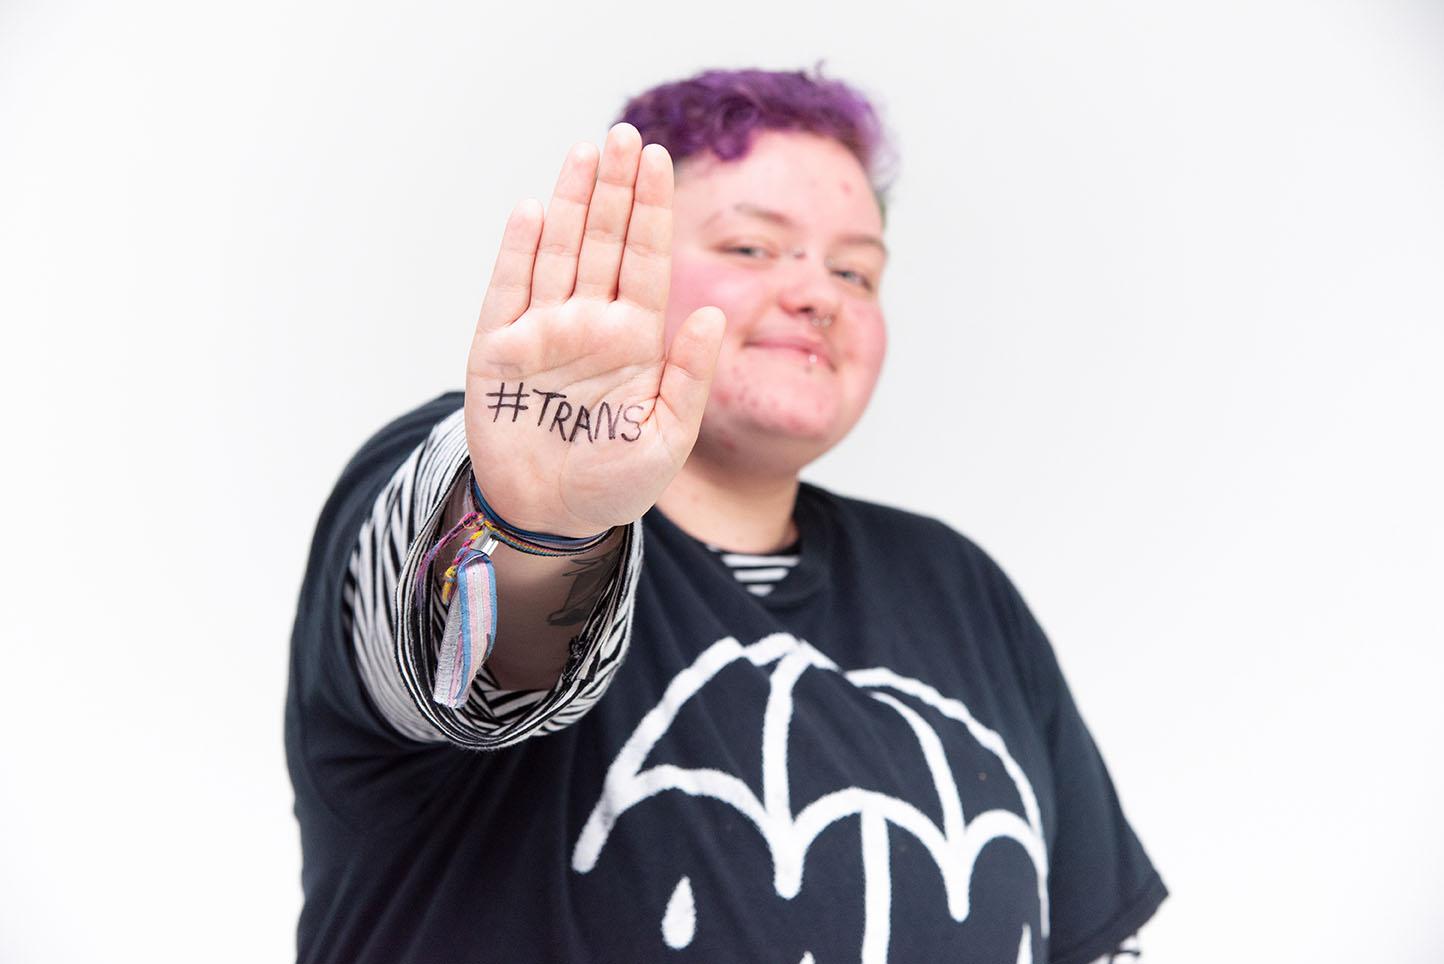 """Das Bild zeigt eine Person die auf der Handfläche """"#trans"""" stehen hat und diese Richtung Kamera zeigt."""